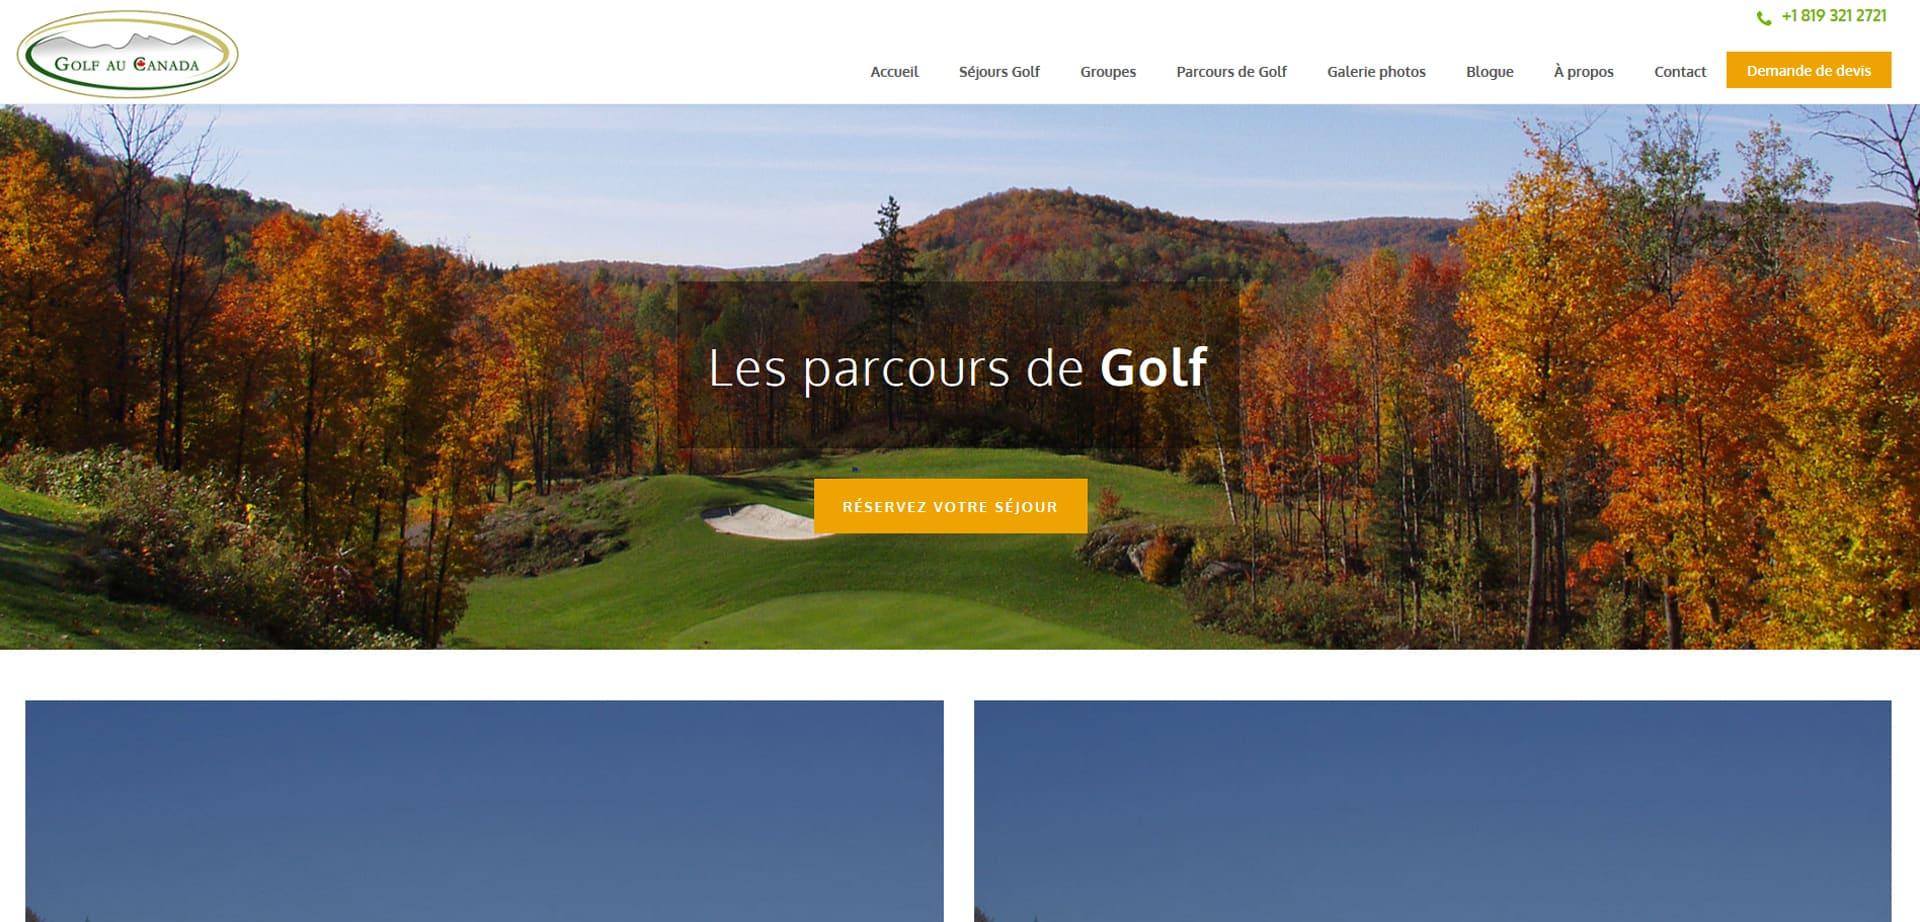 golf-canada9